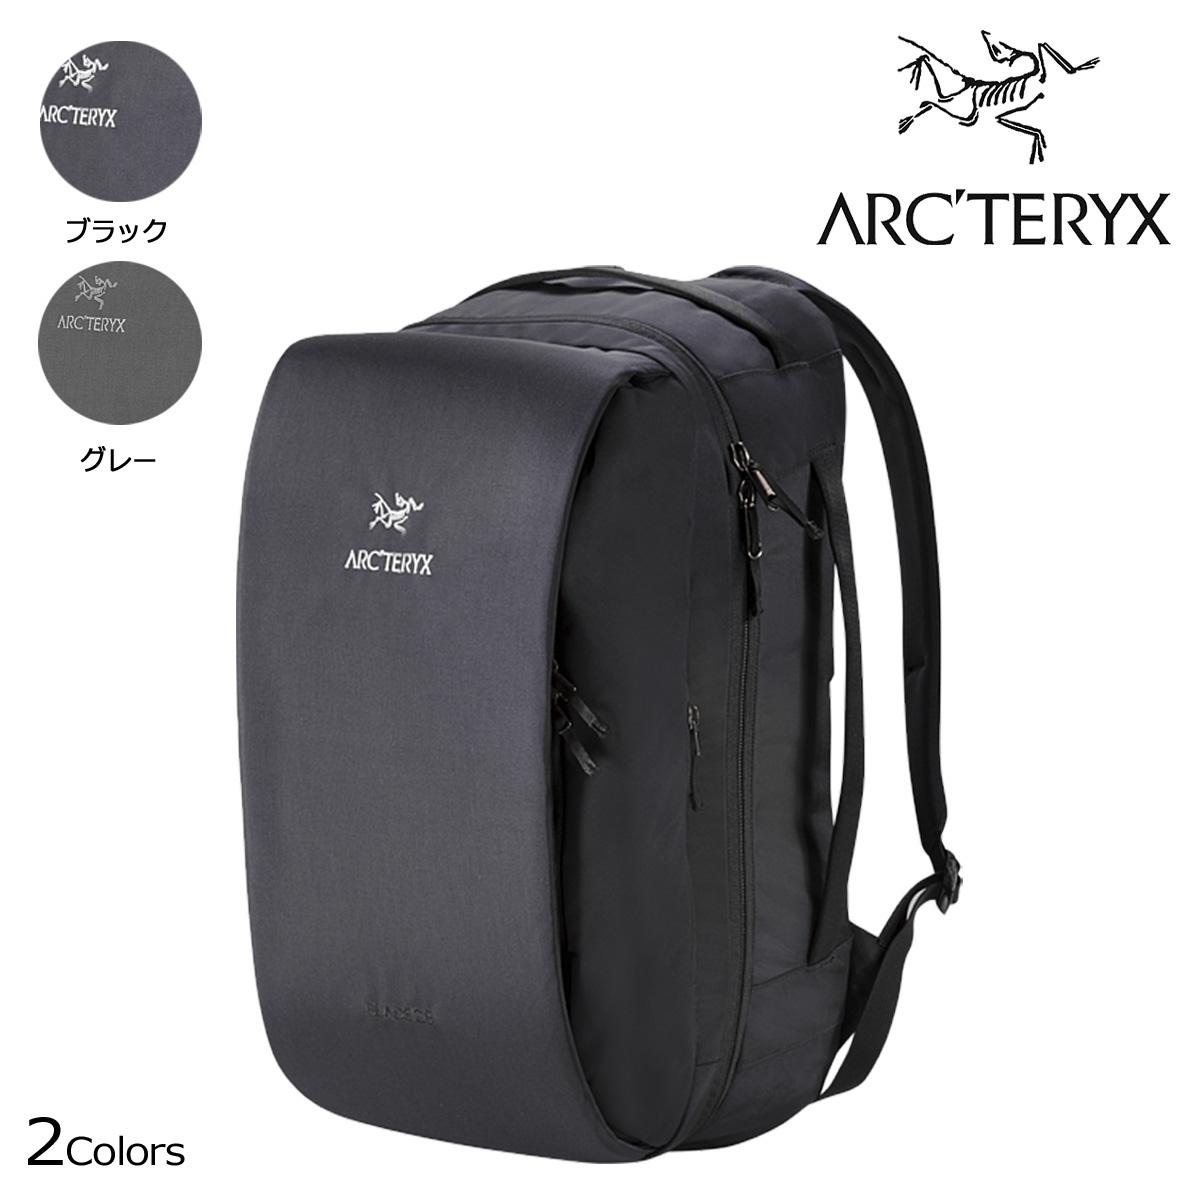 アークテリクス ARC'TERYX リュック バックパック バッグ BLADE 28 BACKPACK 16178 28L メンズ ブラック グレー [2/12 追加入荷]